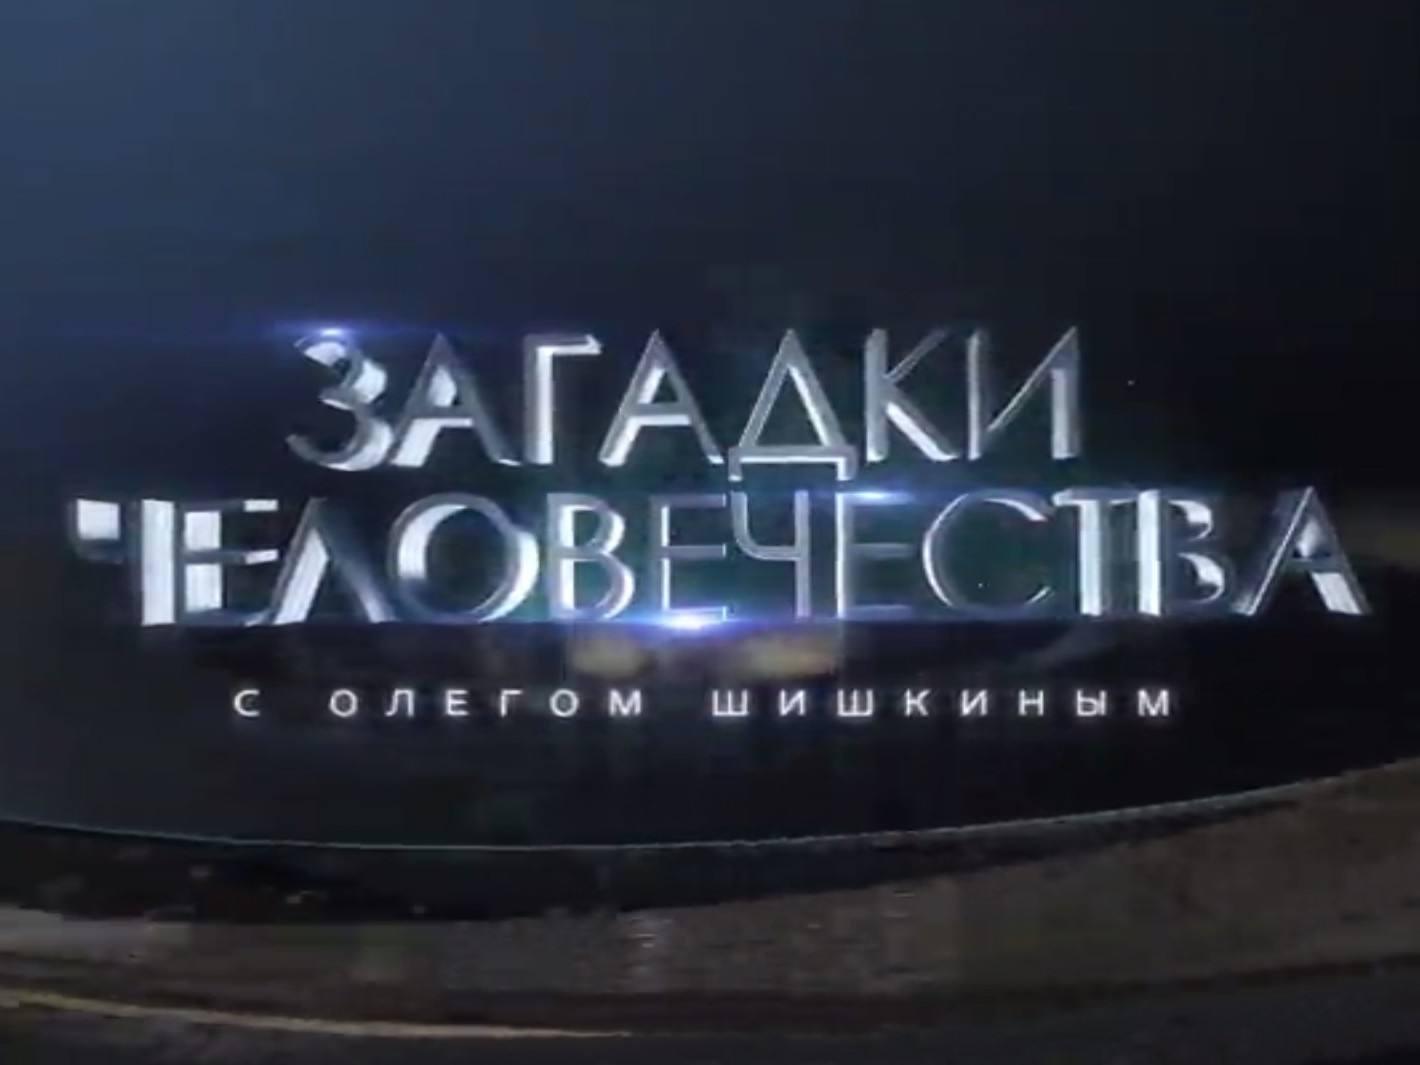 Загадки человечества с Олегом Шишкиным 445 серия в 13:00 на РЕН ТВ